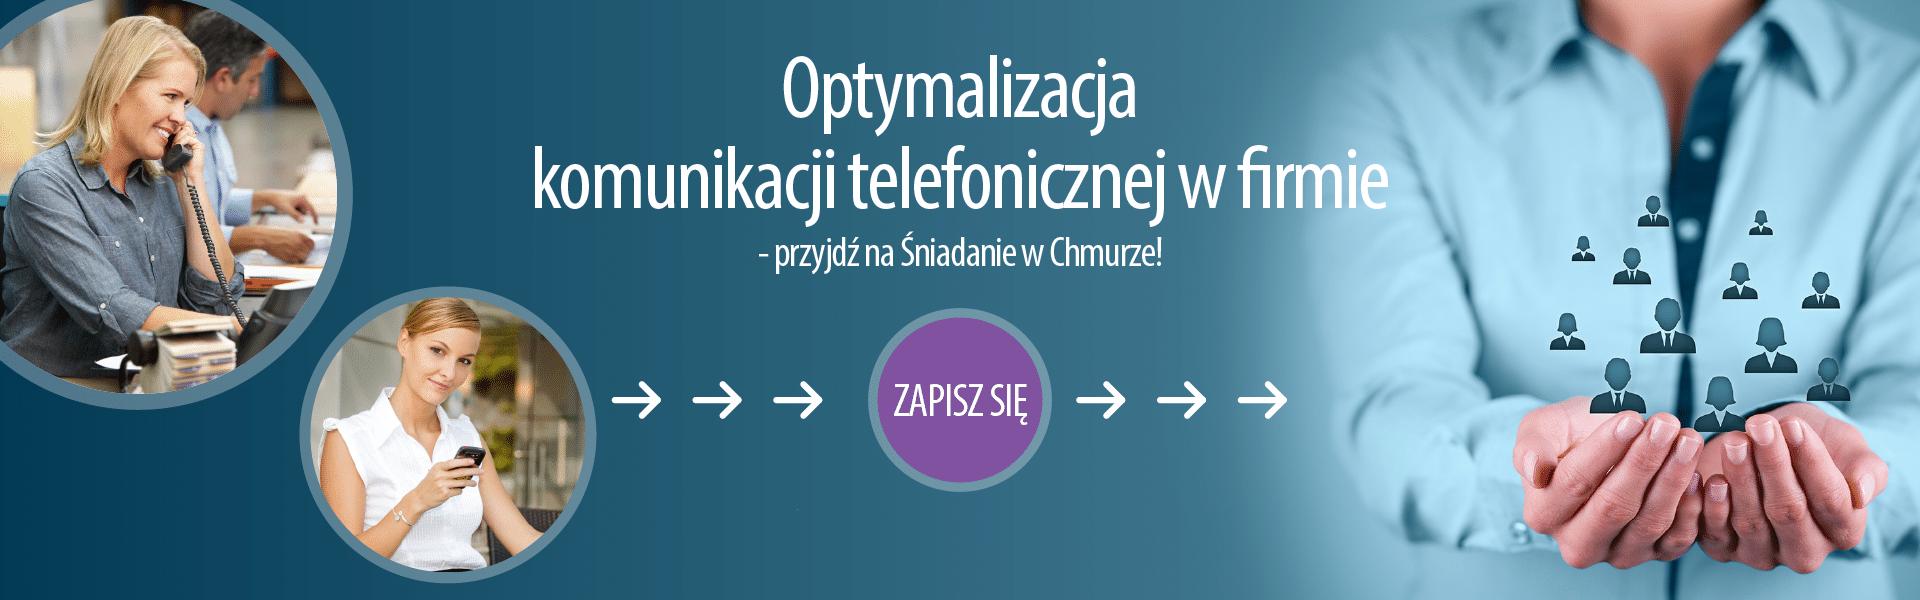 Optymalizacja komunikacji telefonicznej w firmie - Sniadanie w chmurze